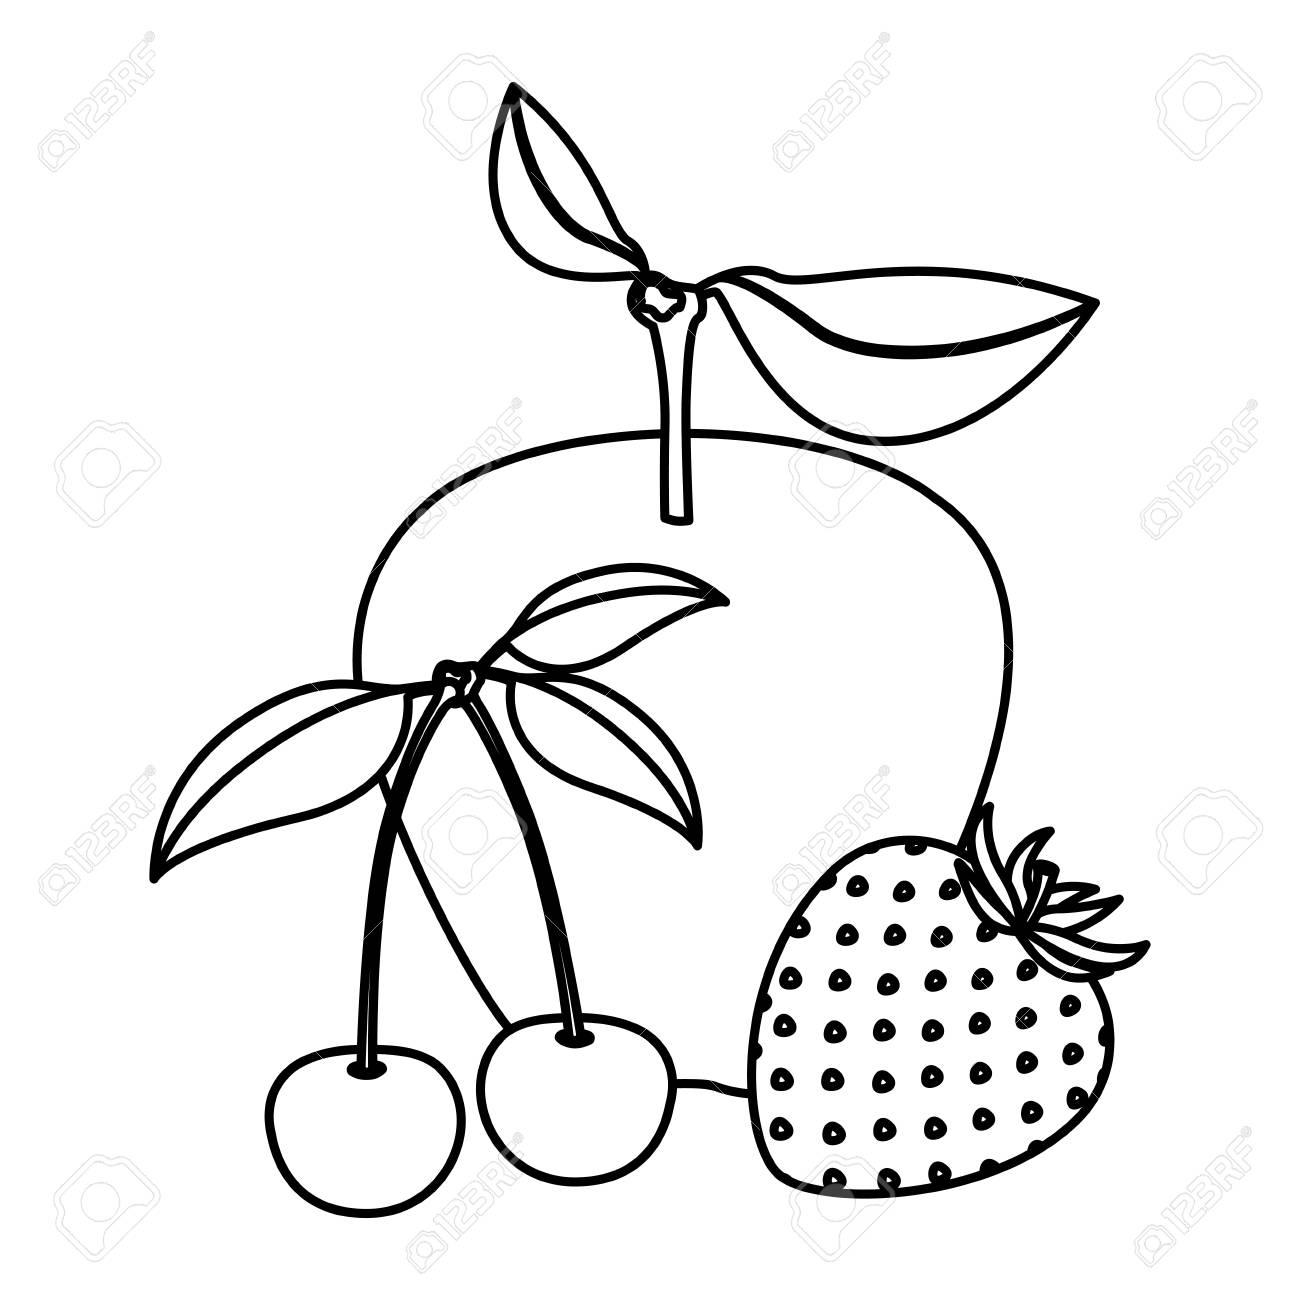 モノクロ果物リンゴさくらんぼイチゴのベクトル図の白い背景の